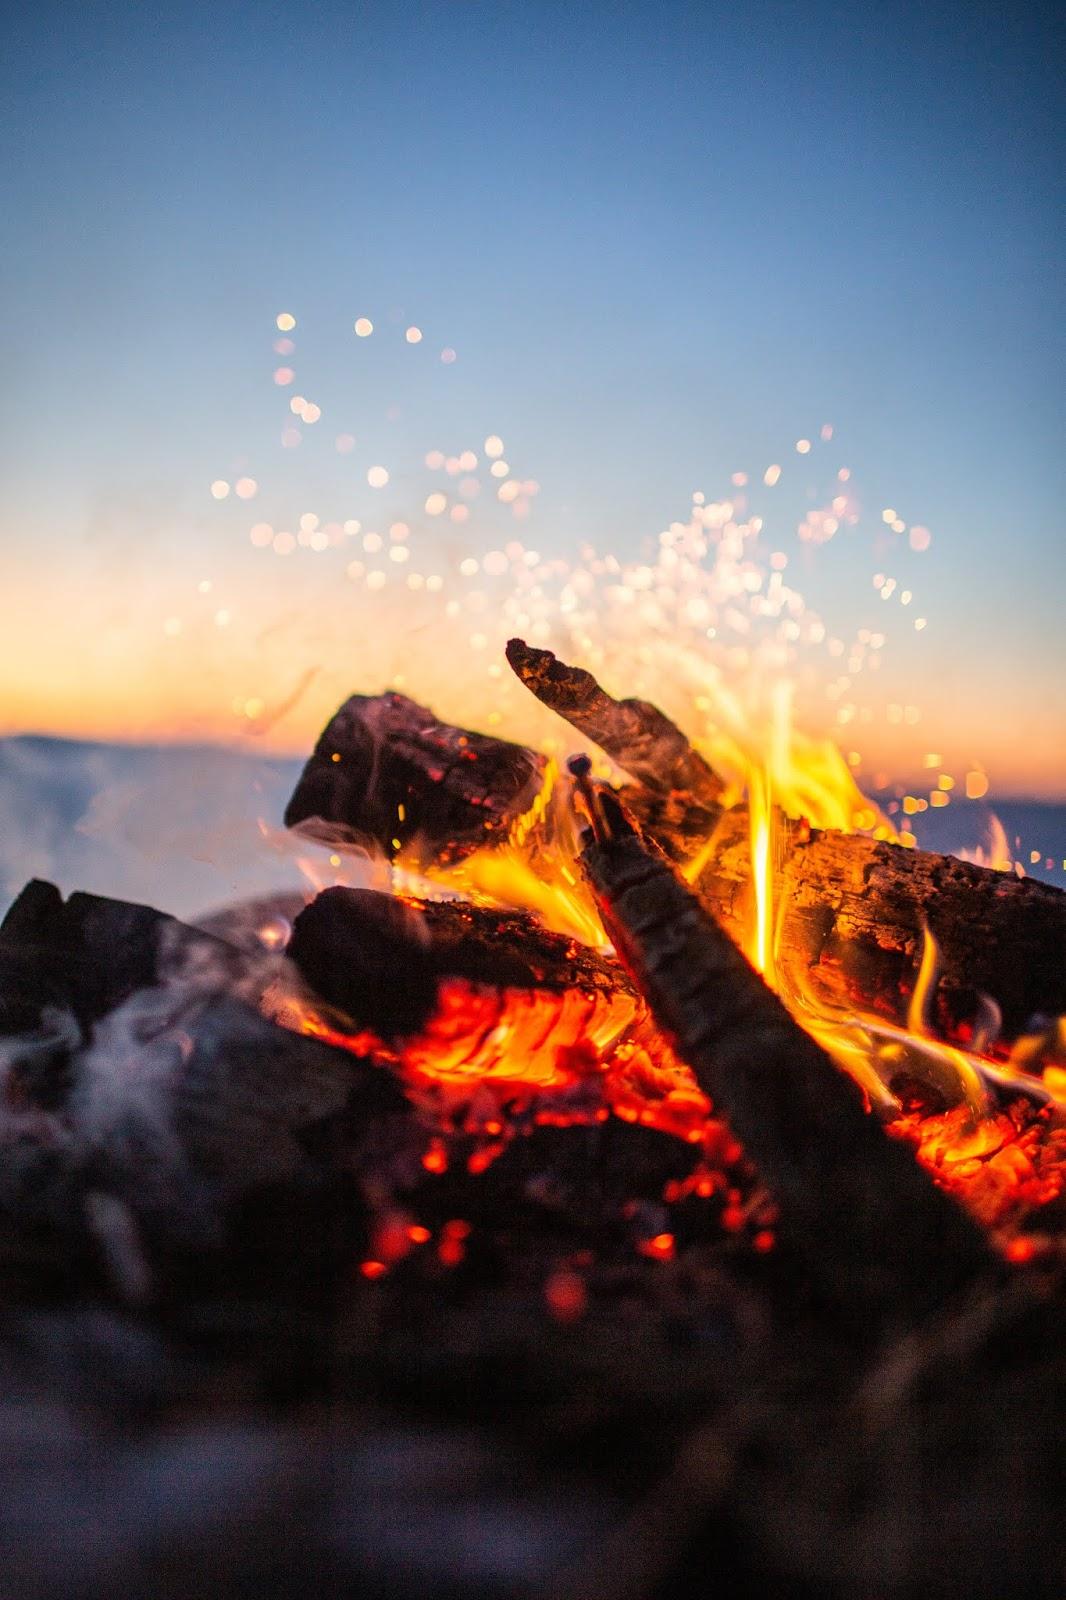 10 powodów dlaczego czasem jak ognia należy unikać mediów społecznościowych - część 2/2